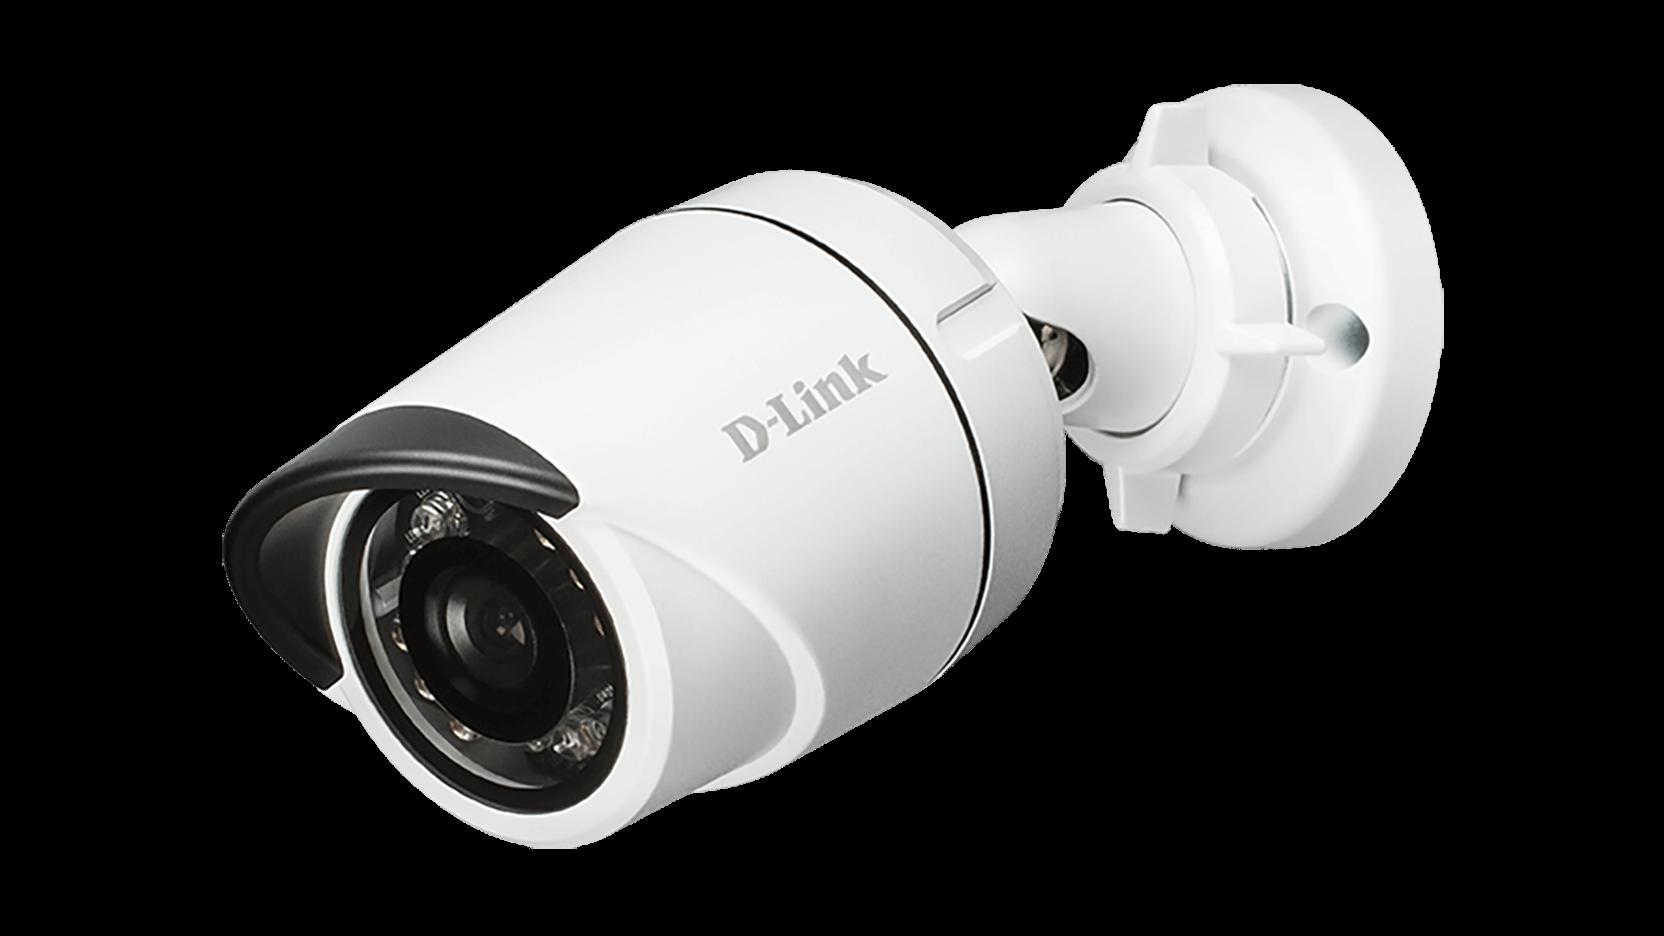 Dcs 4701e Hd Outdoor Mini Bullet Camera D Link Uk